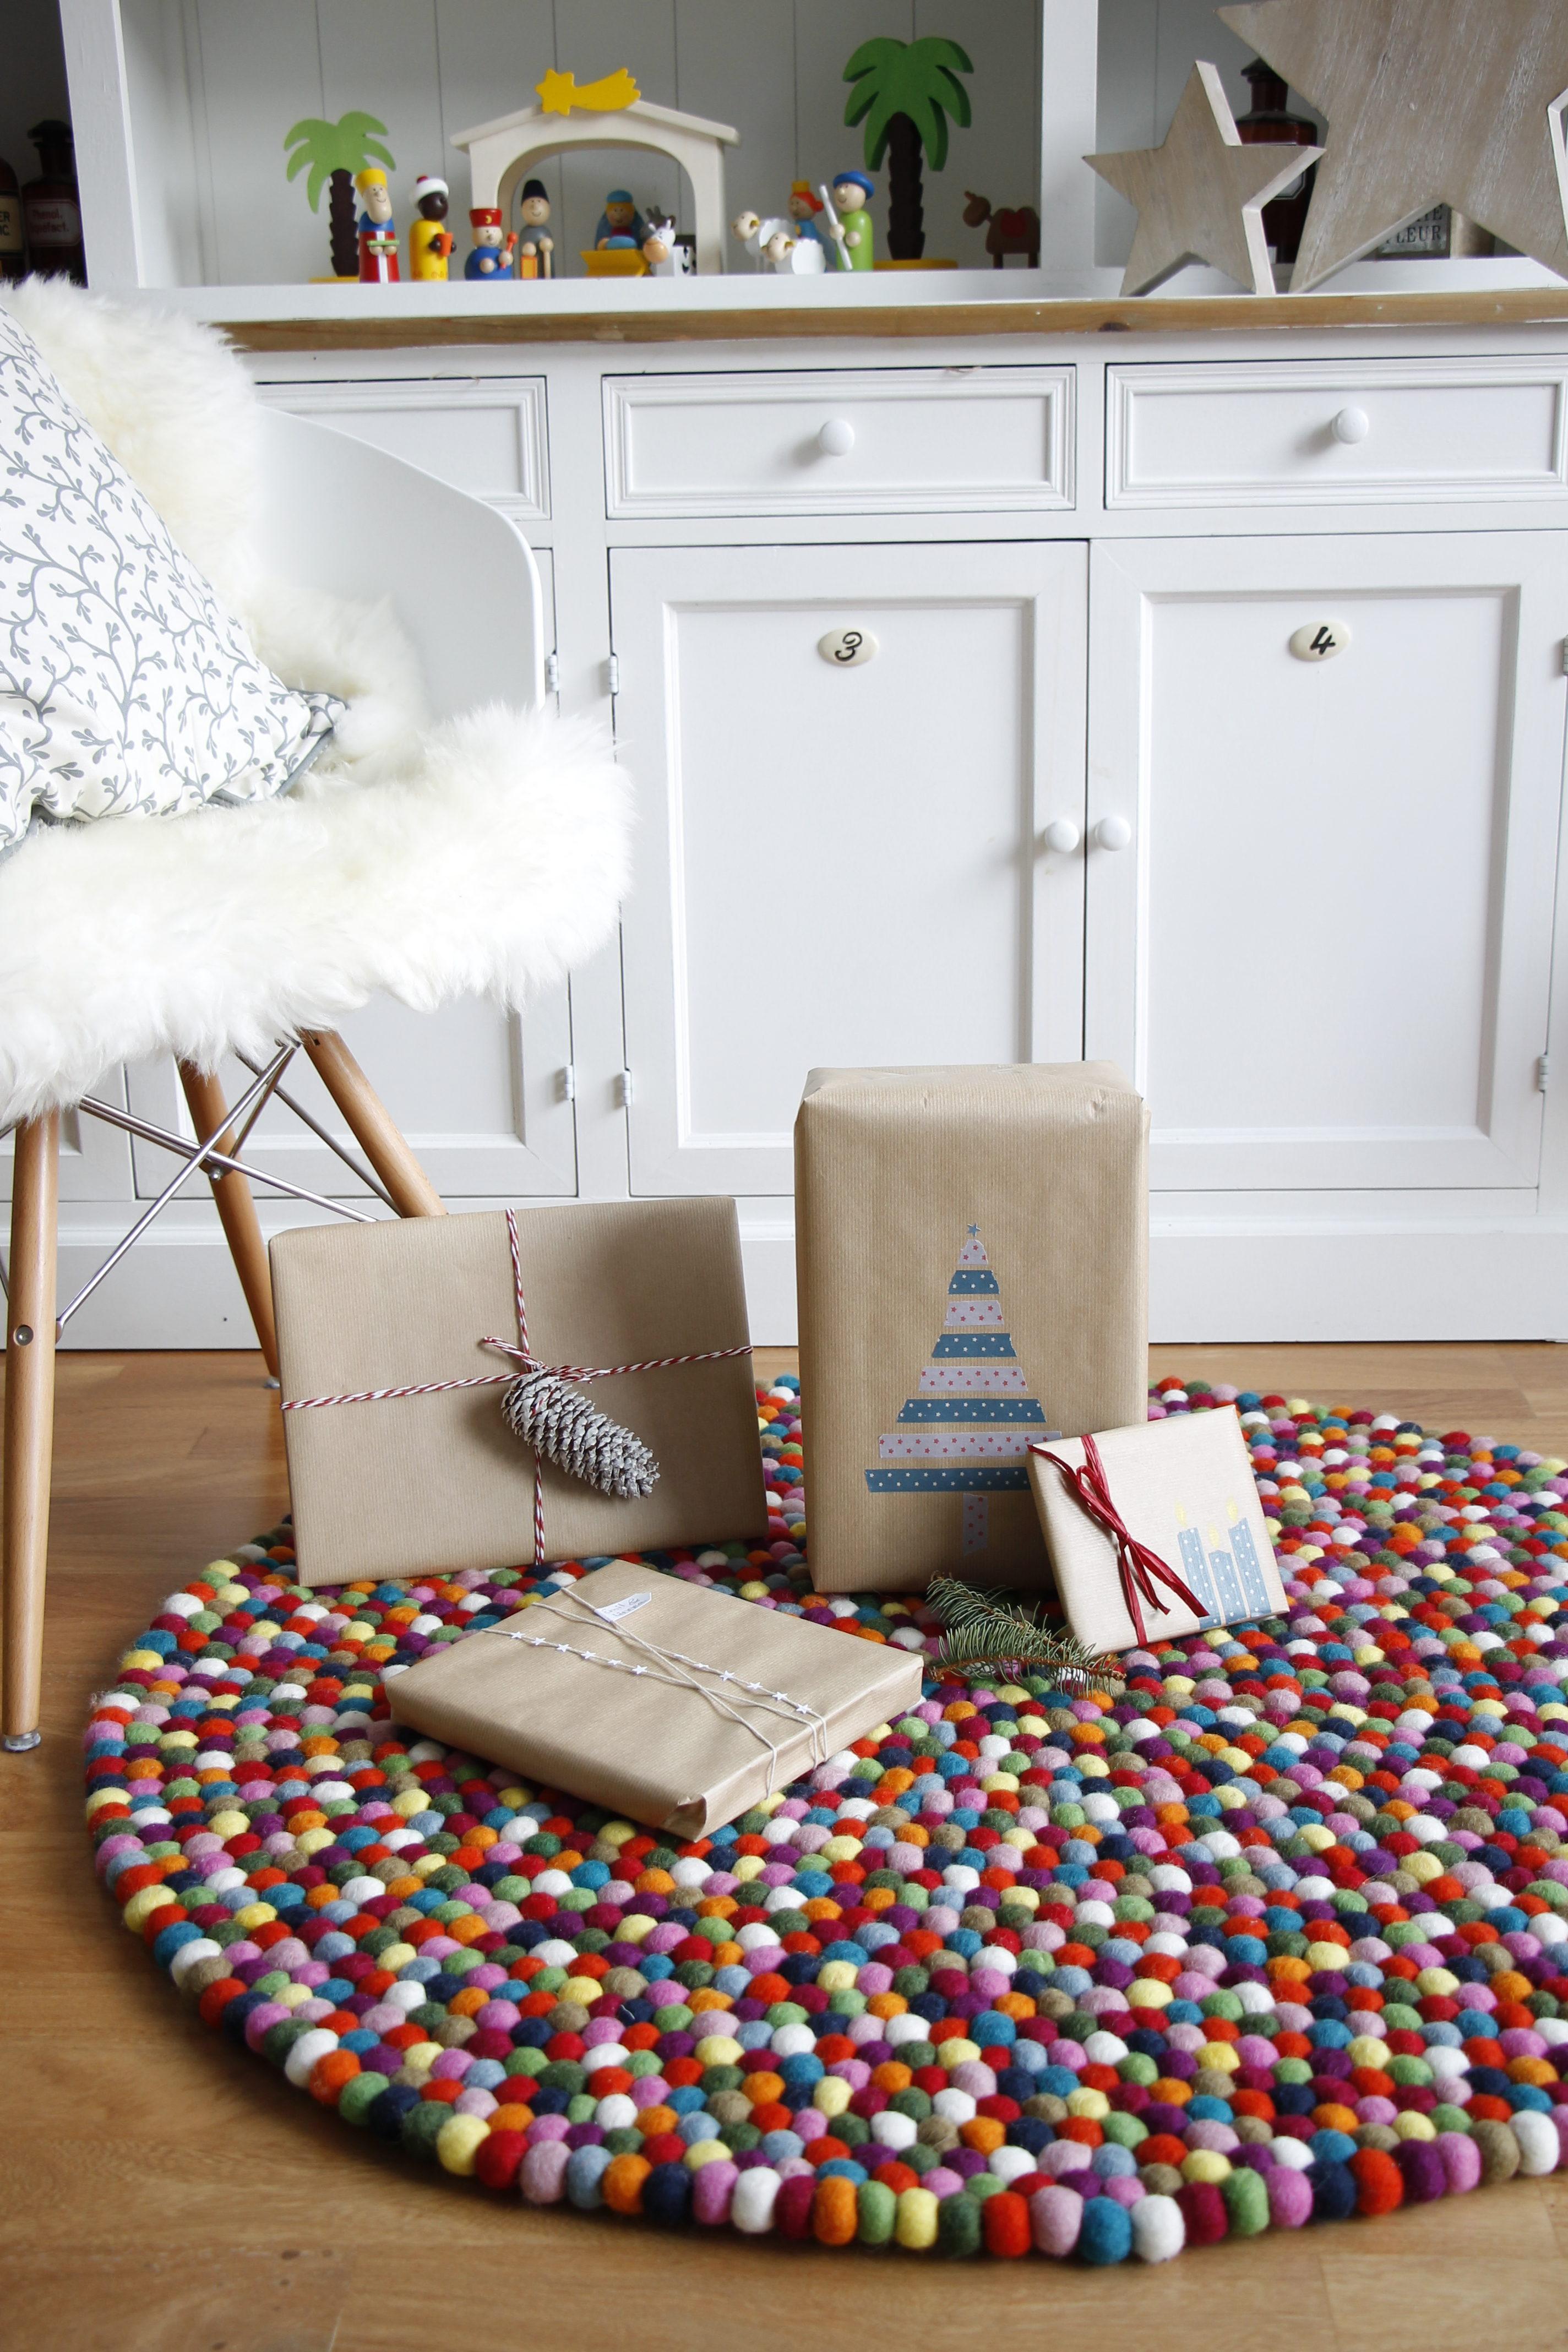 Kreative Weihnachtsgeschenke.Weihnachtsgeschenke Kreativ Verpacken Lavendelblog